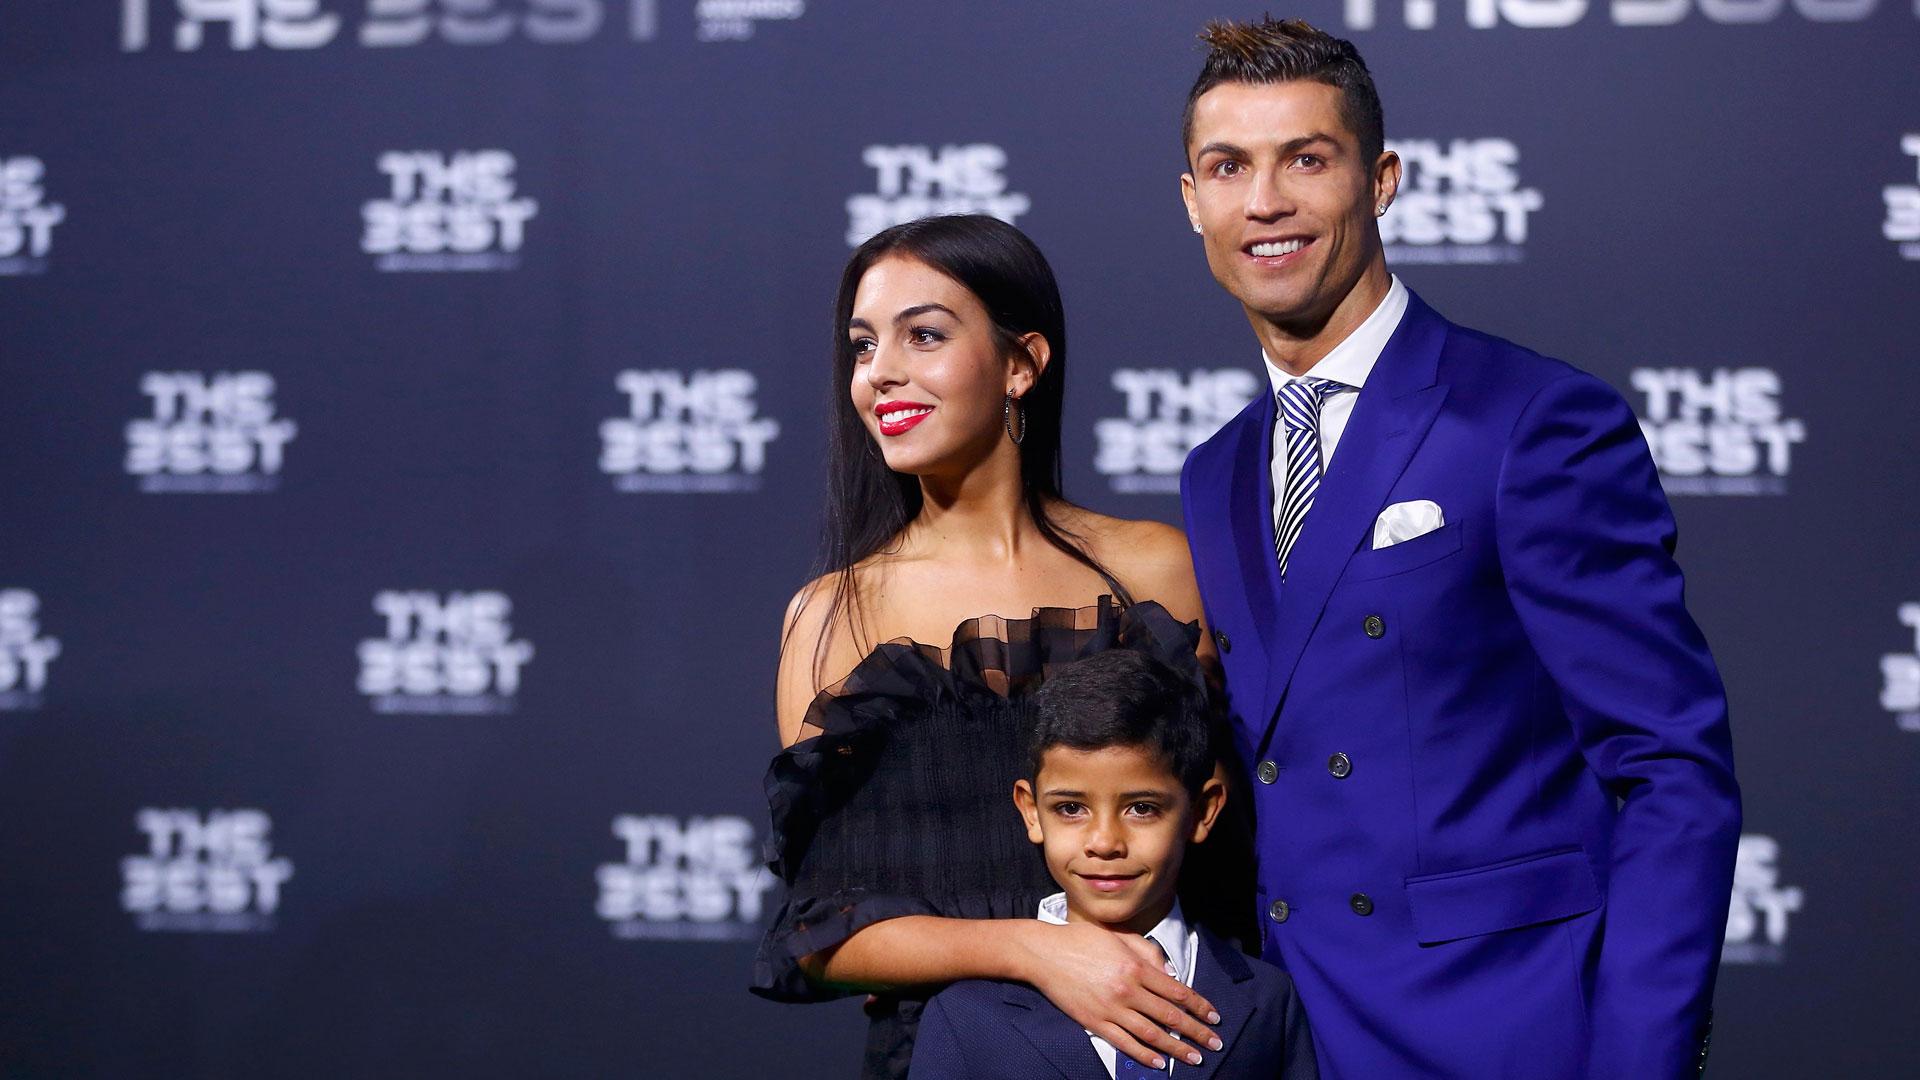 La Revelación De La Novia De Cristiano Ronaldo Sobre Su